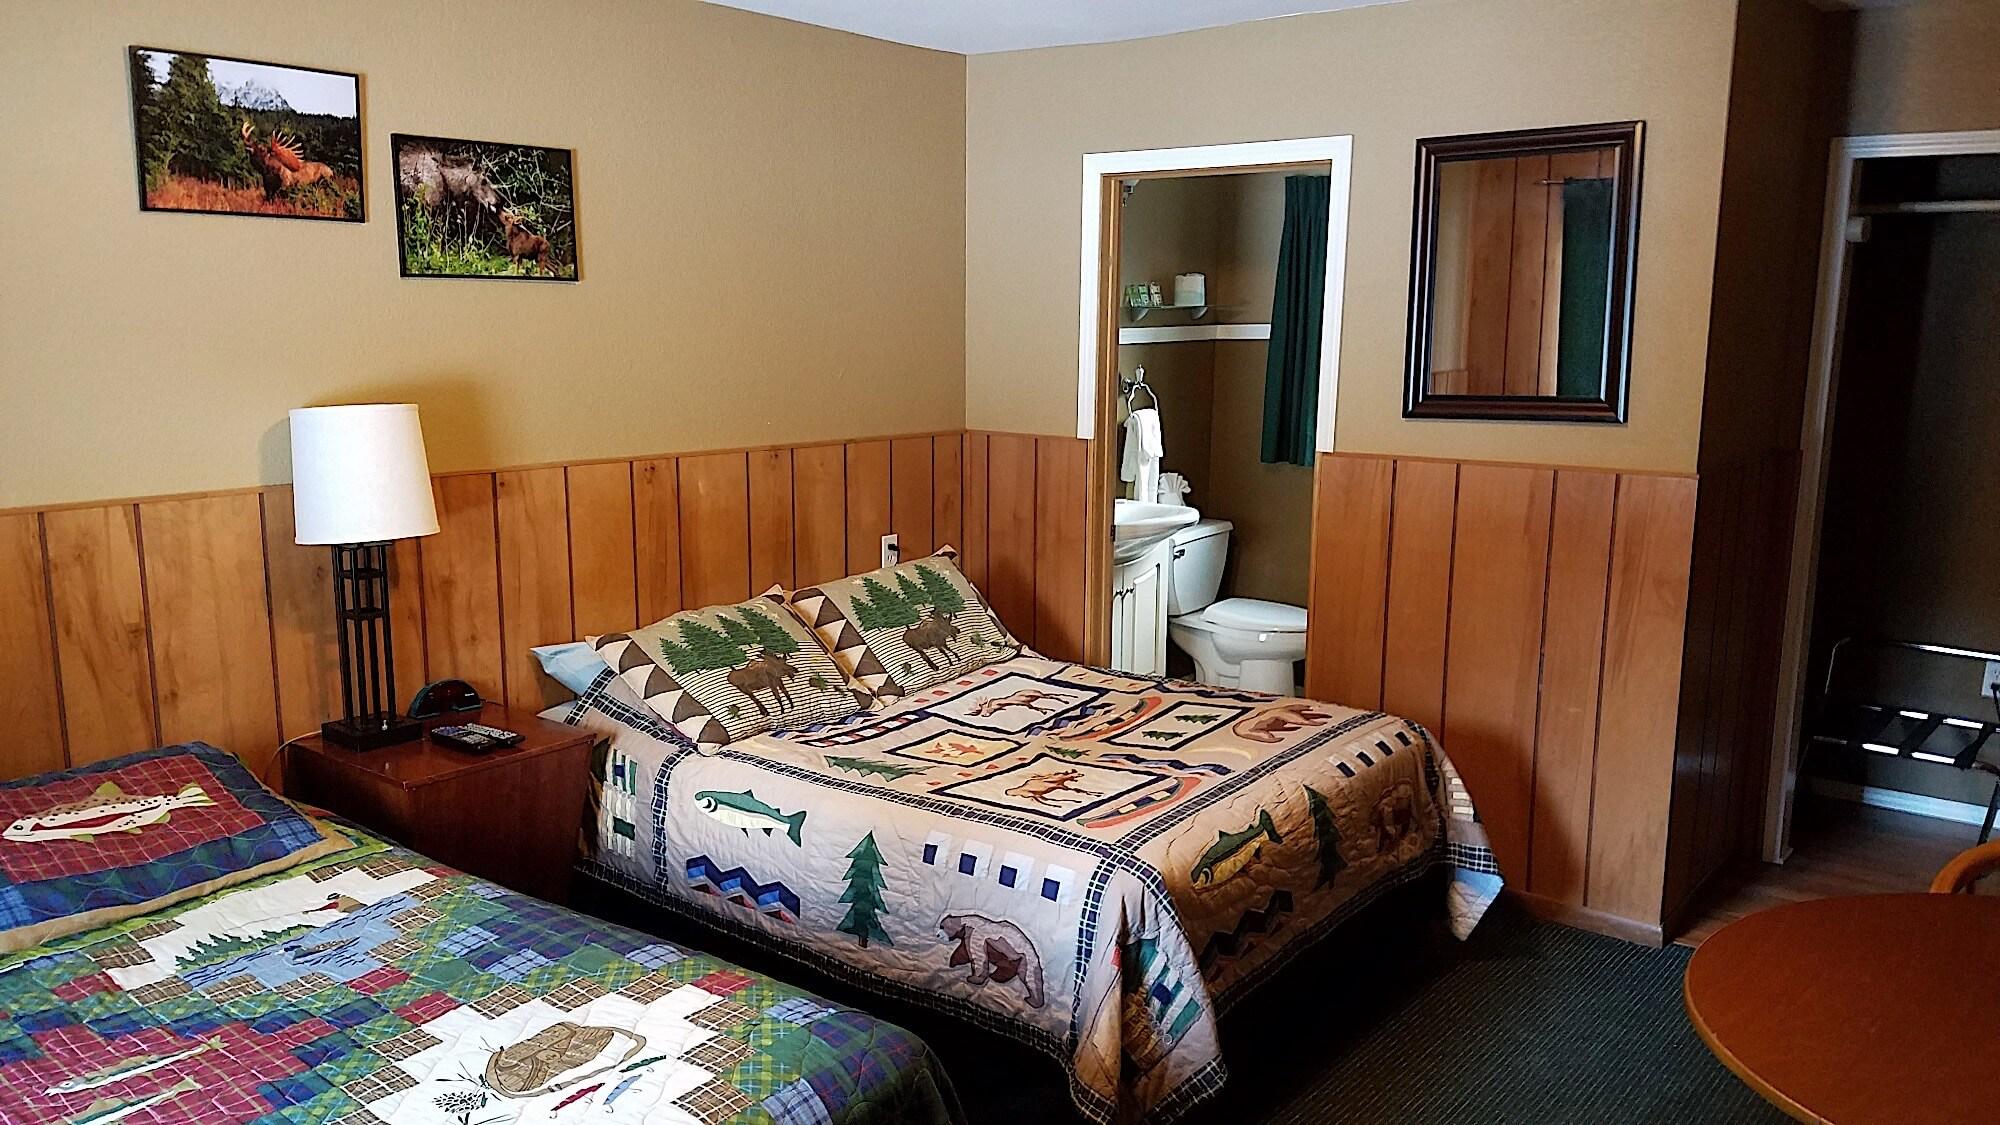 Kenai Peninsula fishing resort accomodations in Alaska Sunrise Inn